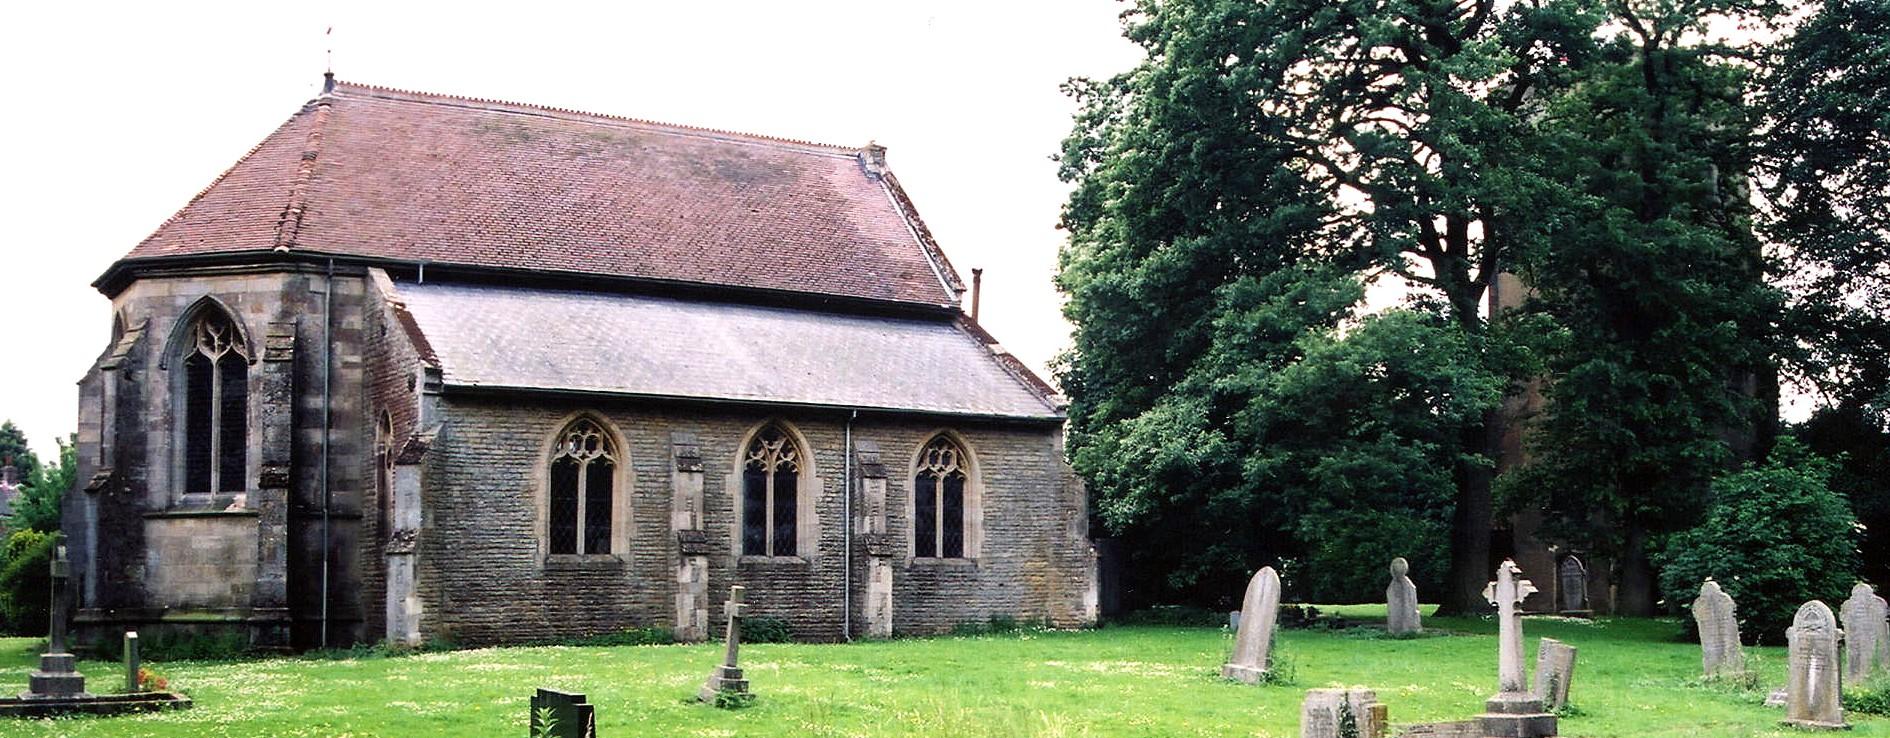 St. James Church wide shot